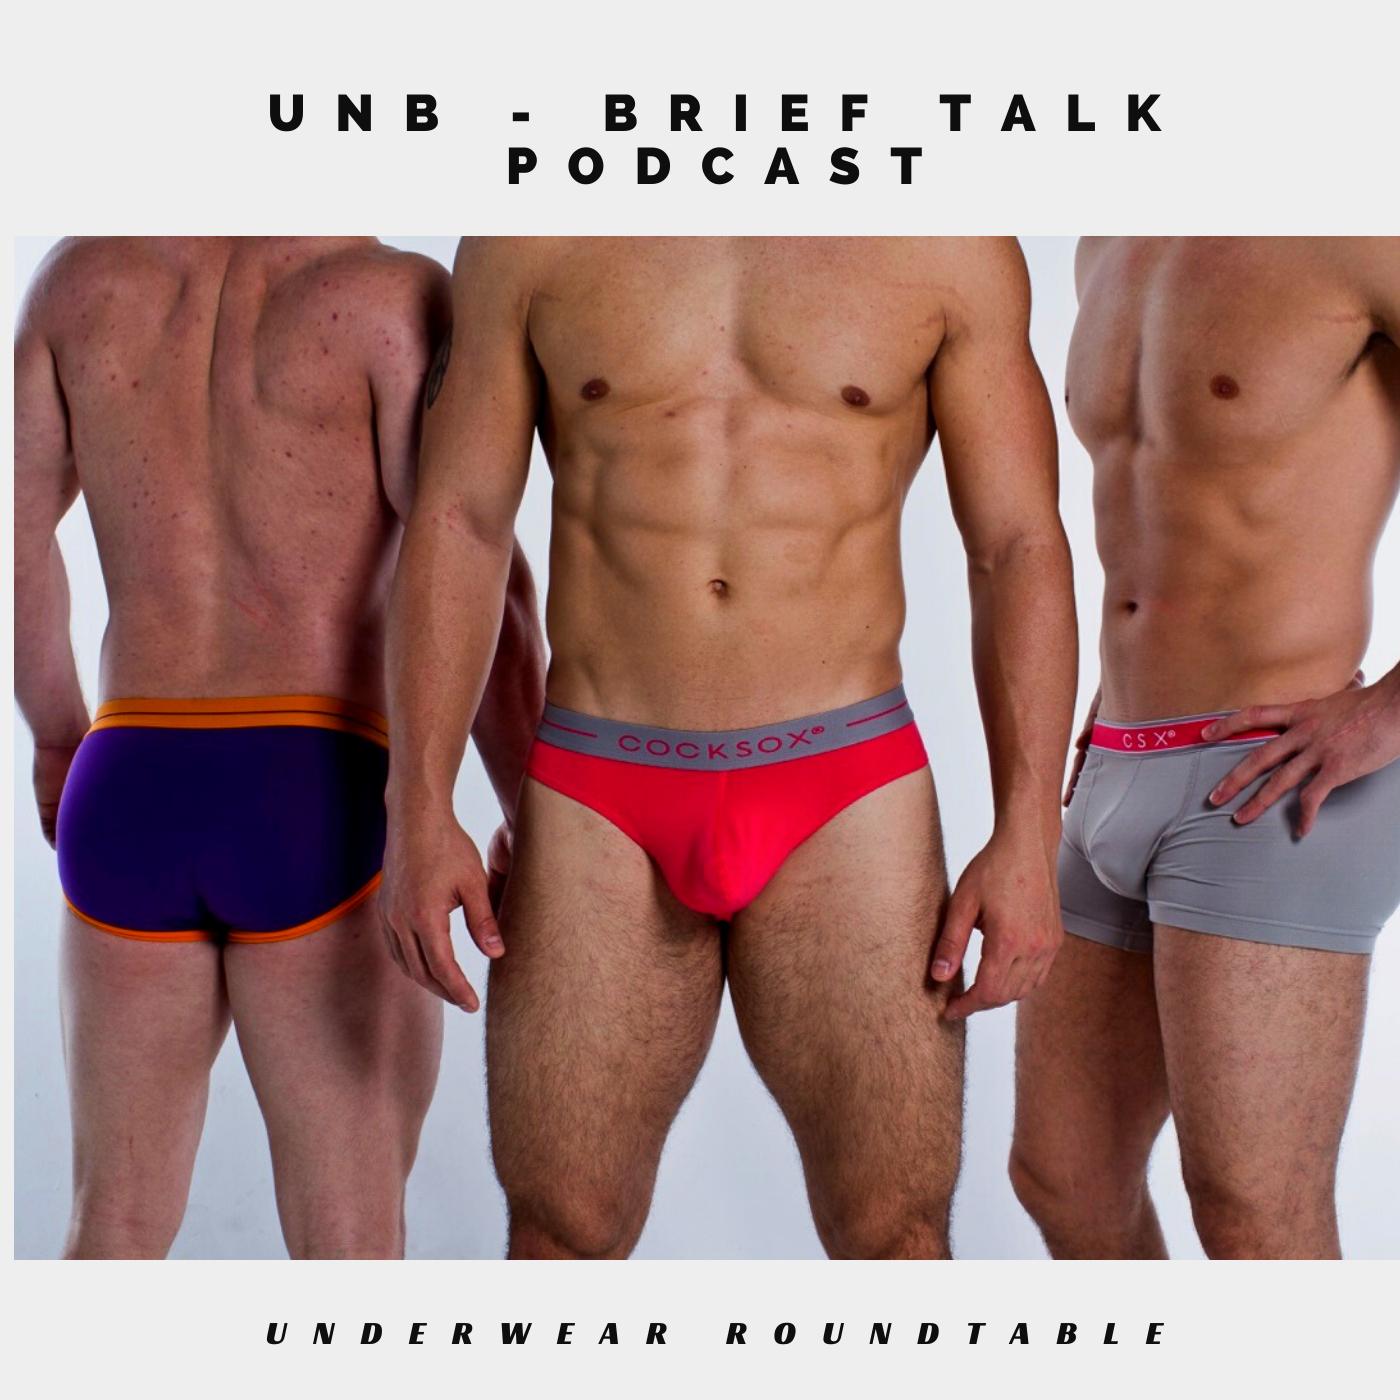 Brief Talk Podcast - Underwear Roundtable